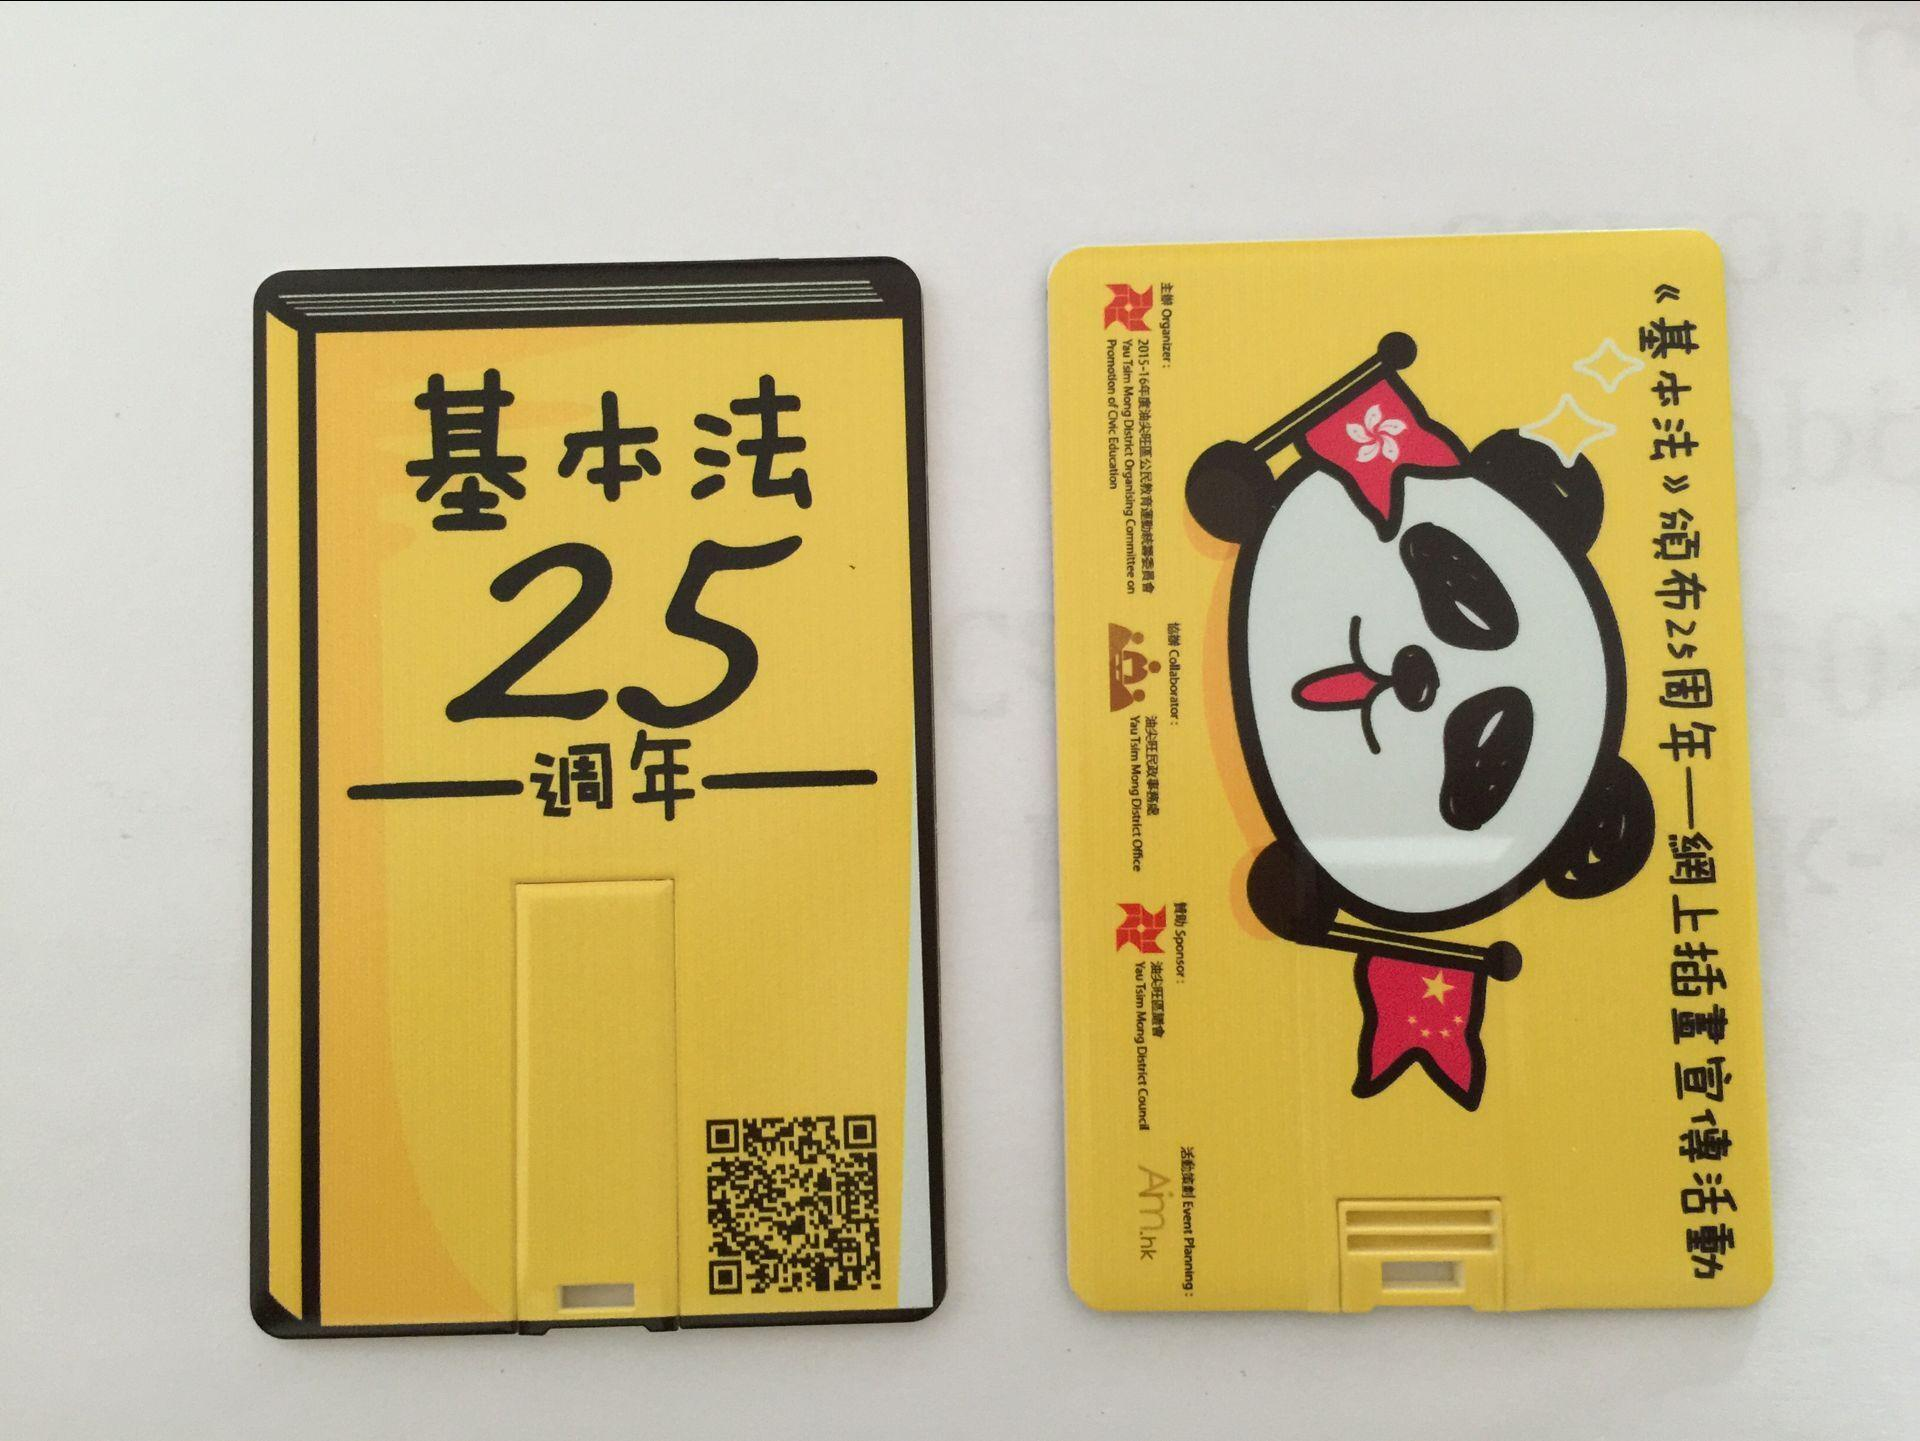 卡片U盤 可印刷各種圖案 定製各總容量 2